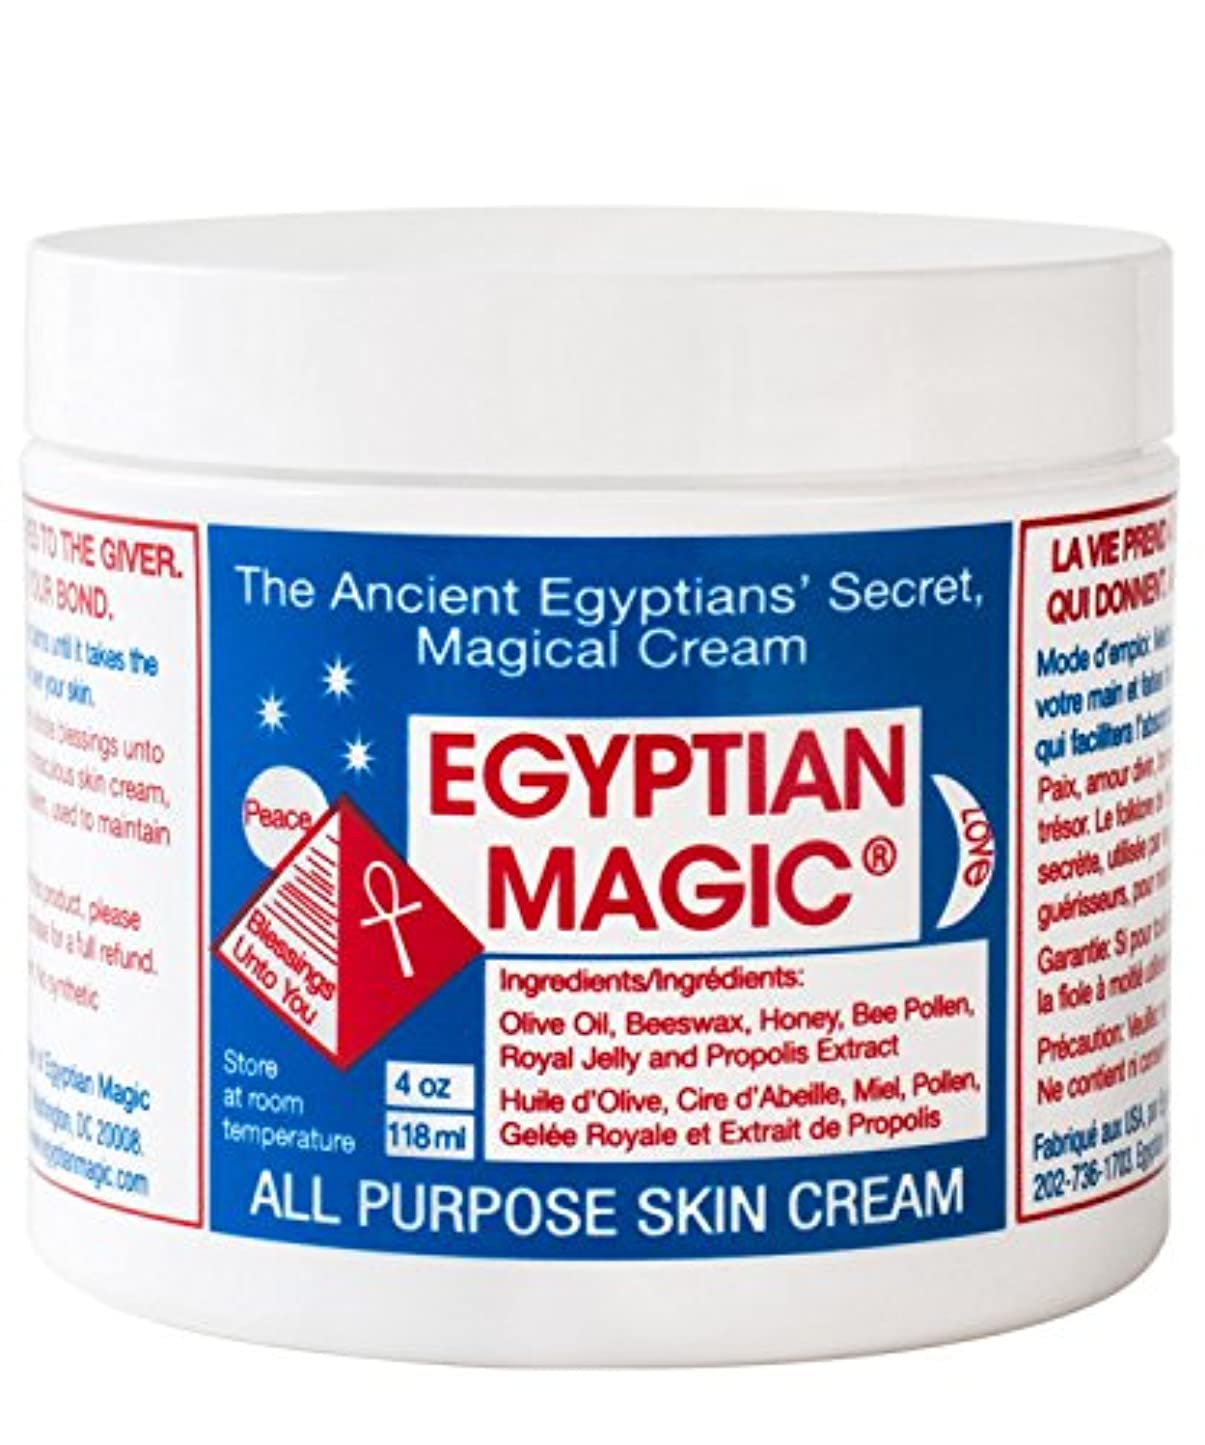 テレックスホット郊外エジプトの魔法の万能スキンクリーム118ミリリットル x2 - Egyptian Magic All Purpose Skin Cream 118ml (Pack of 2) [並行輸入品]